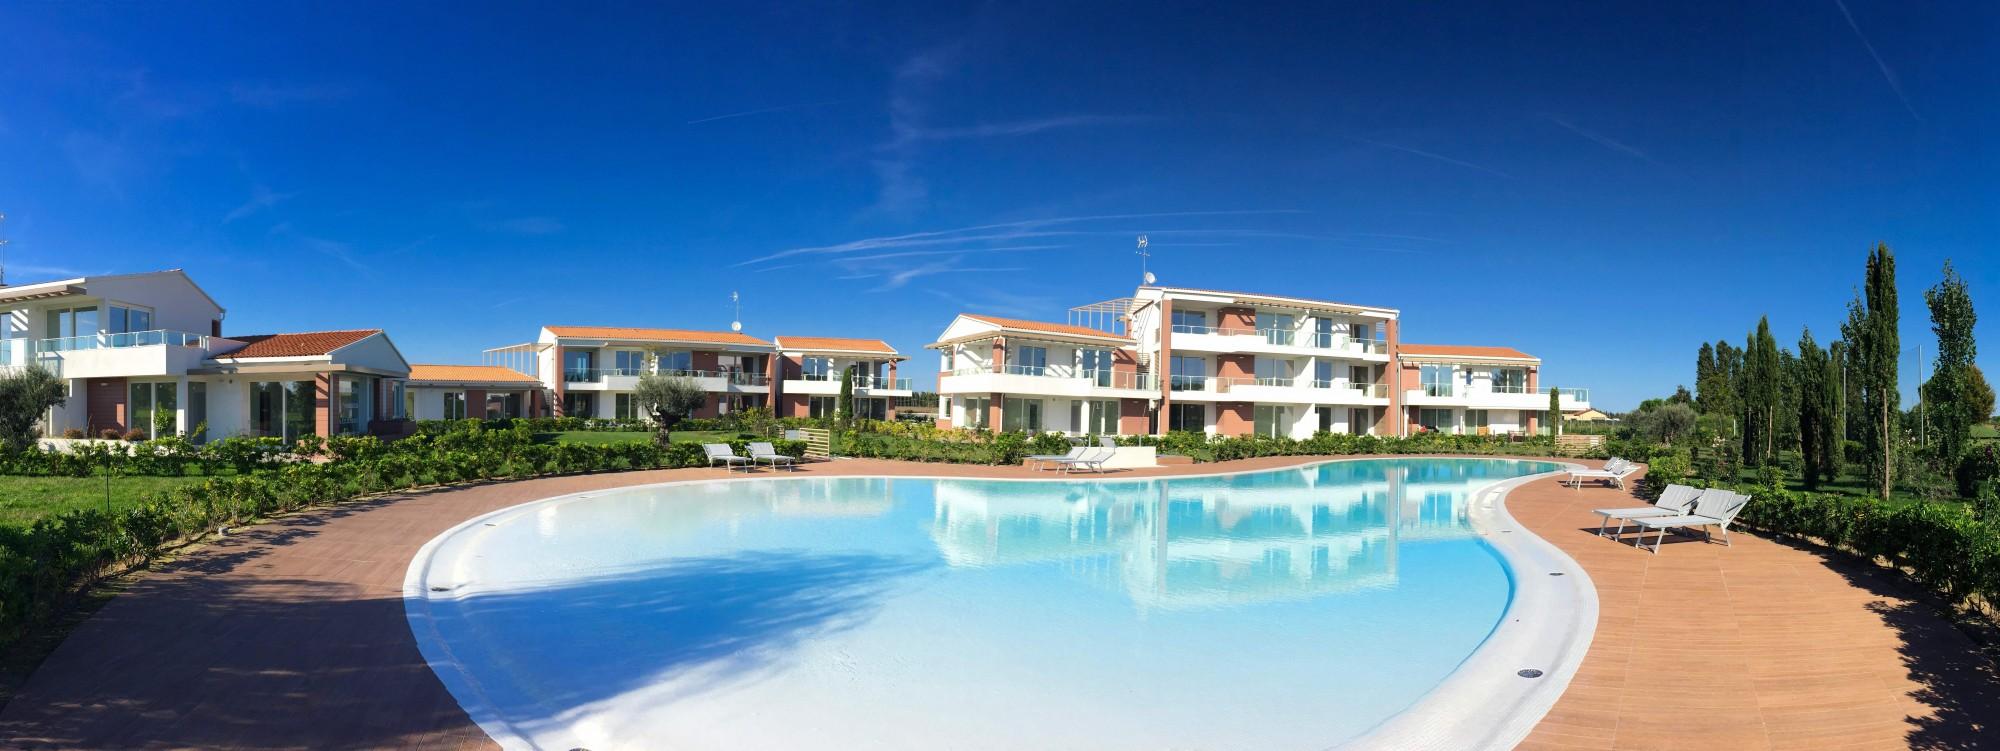 Appartamenti in vendita Jesolo – Agenzia immobiliare Adriatica